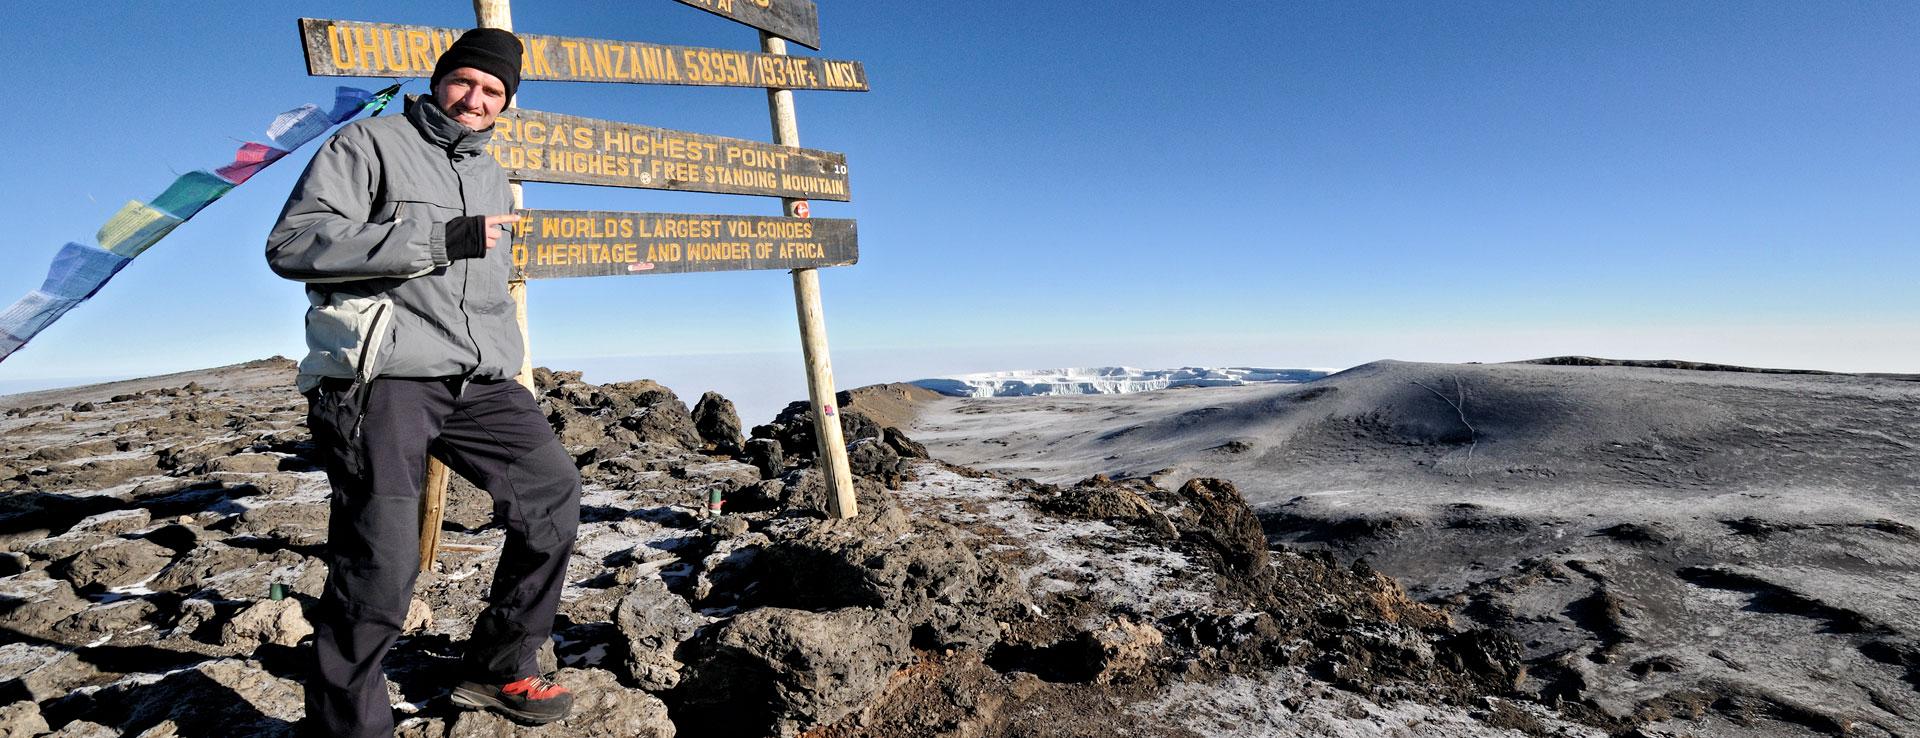 Pascal Boegli au sommet du Kilimandjaro, Uhuru Peak, Tanzanie